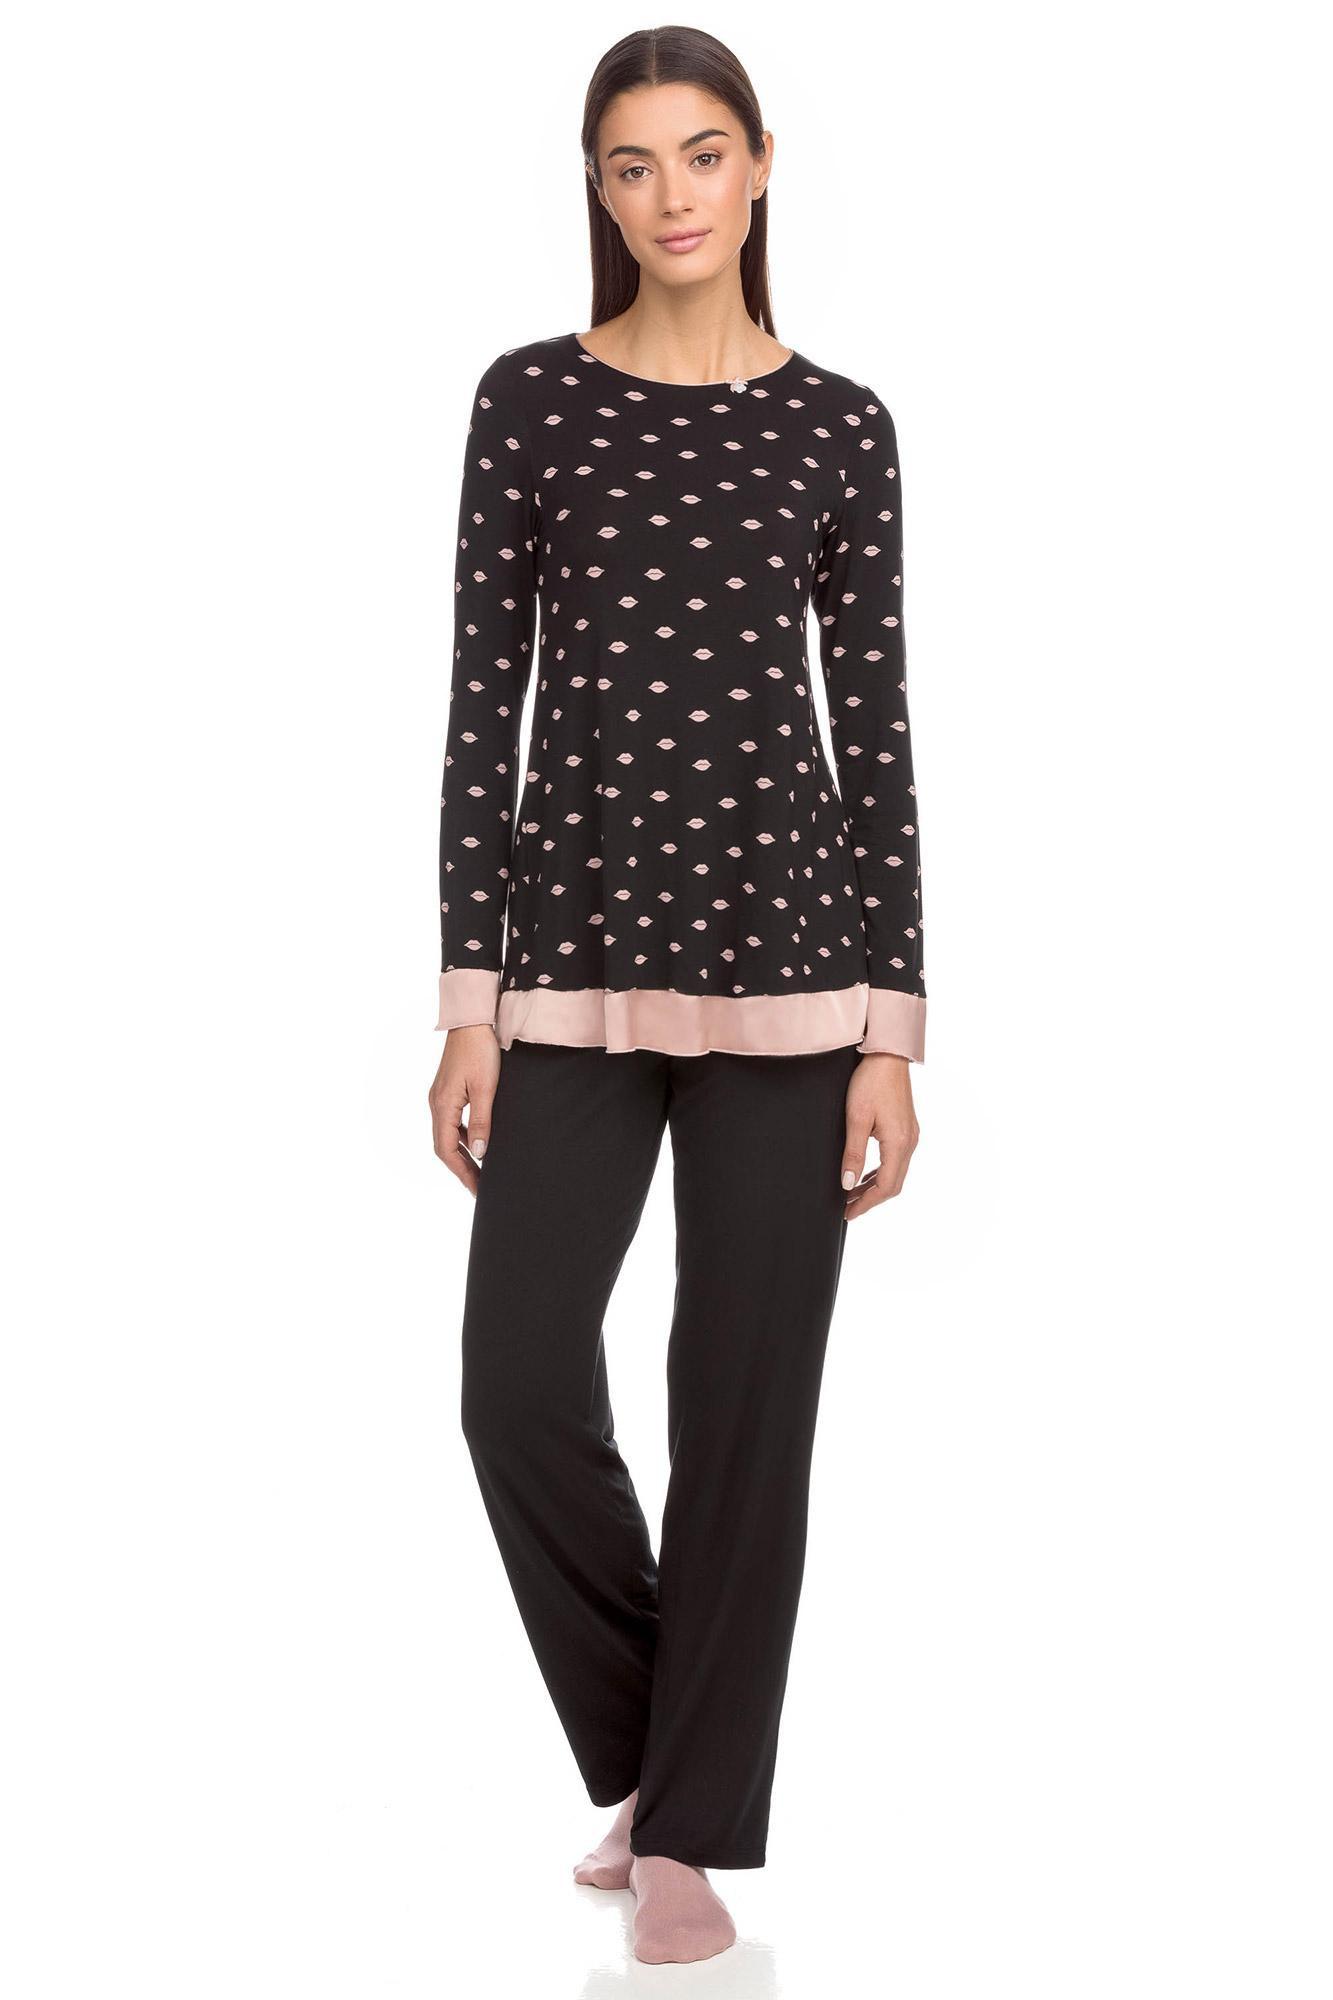 Vamp - Pohodlné dámske dvojdielne pyžamo 15184 - Vamp černá s